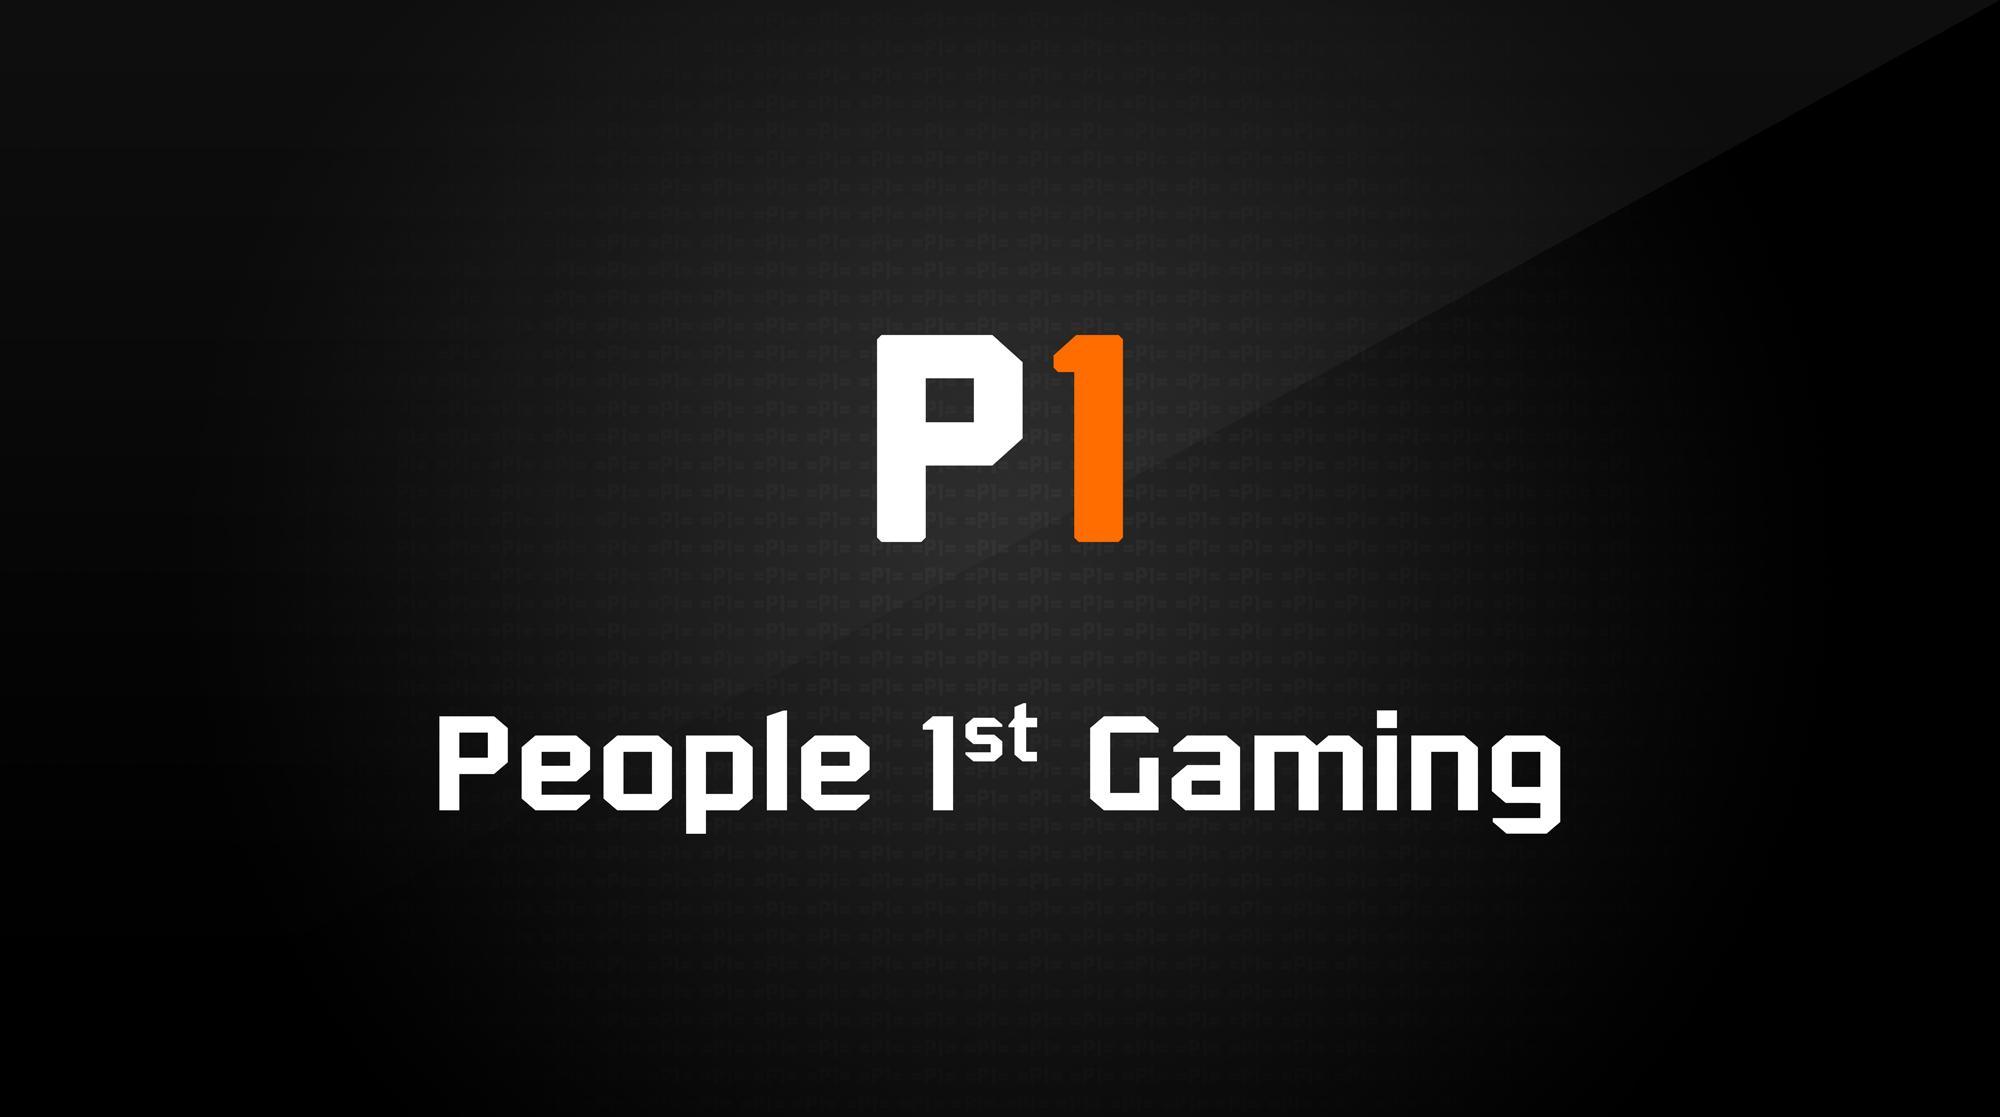 P1 Gaming